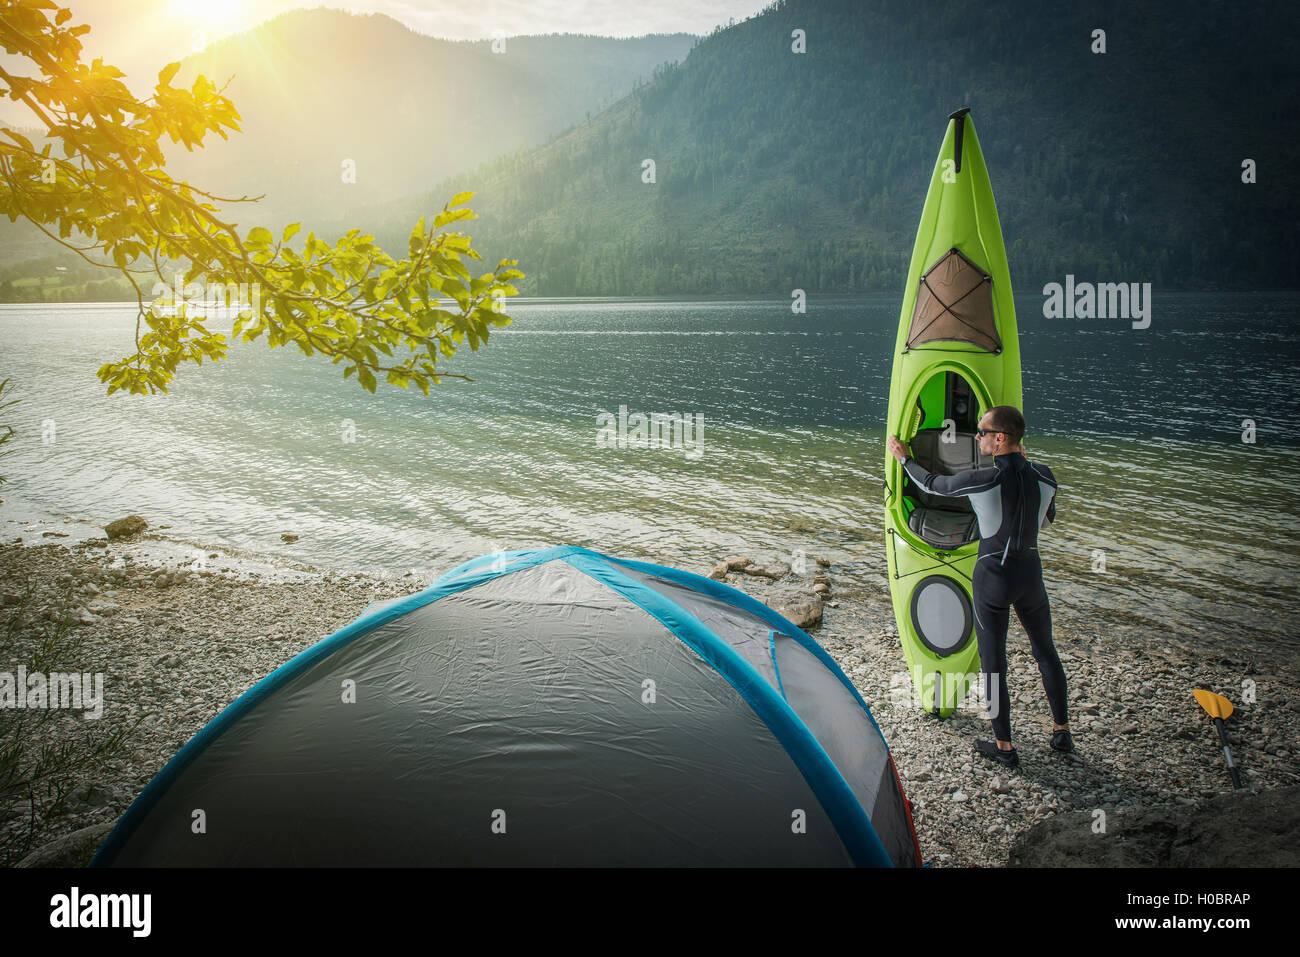 Tour de Kayak Preparación. Los hombres caucásicos con su kayak y Lake Shore ubicado Tienda preparando Imagen De Stock